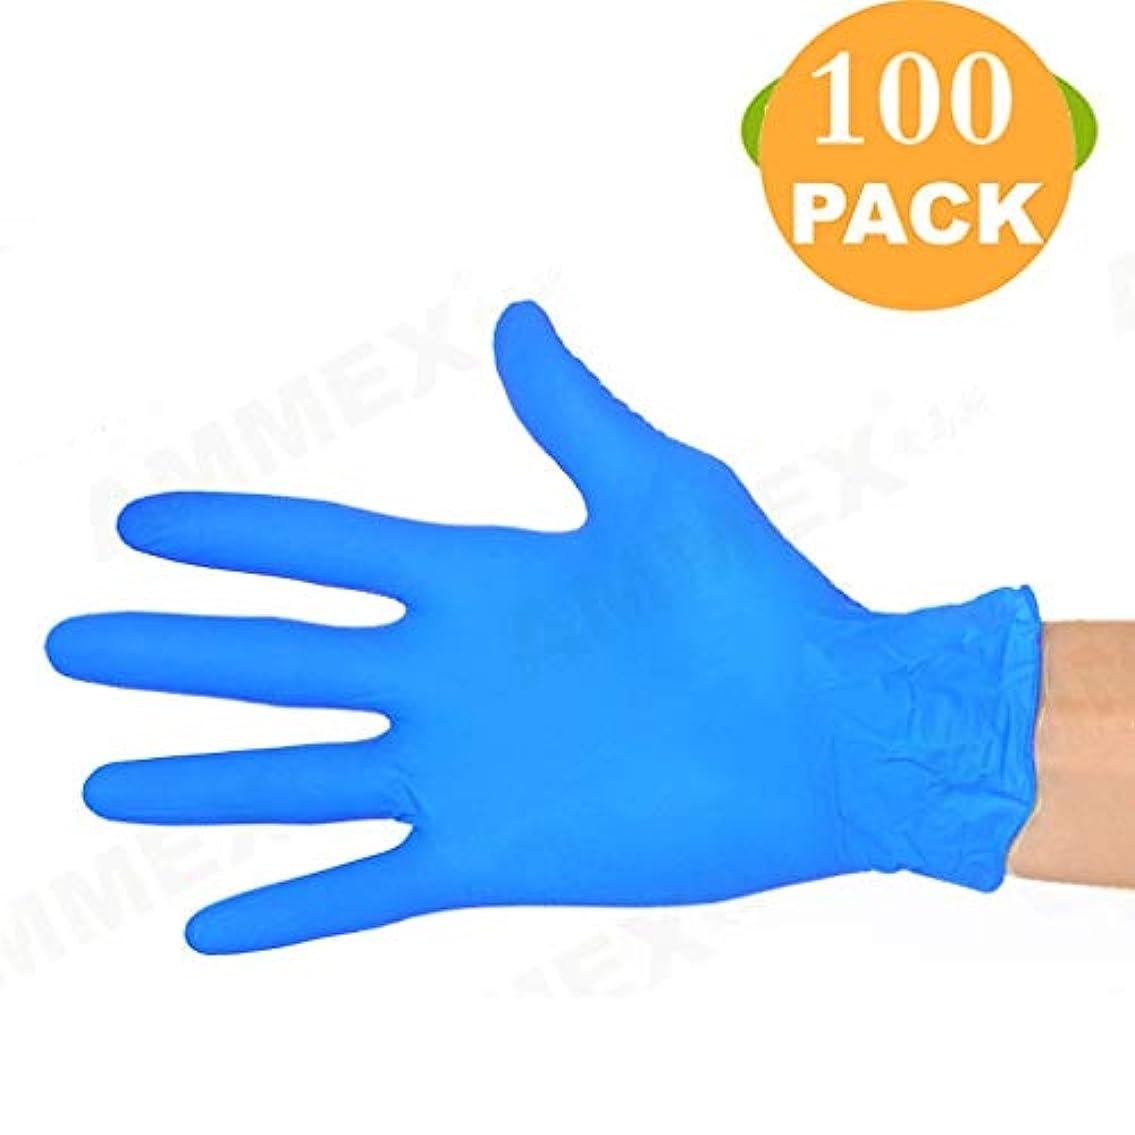 無意識脚本家弾丸9インチニトリル手袋100のラテックスゴム手袋の家事洗濯プラスチックの薄いキッチンボックス (Size : M)